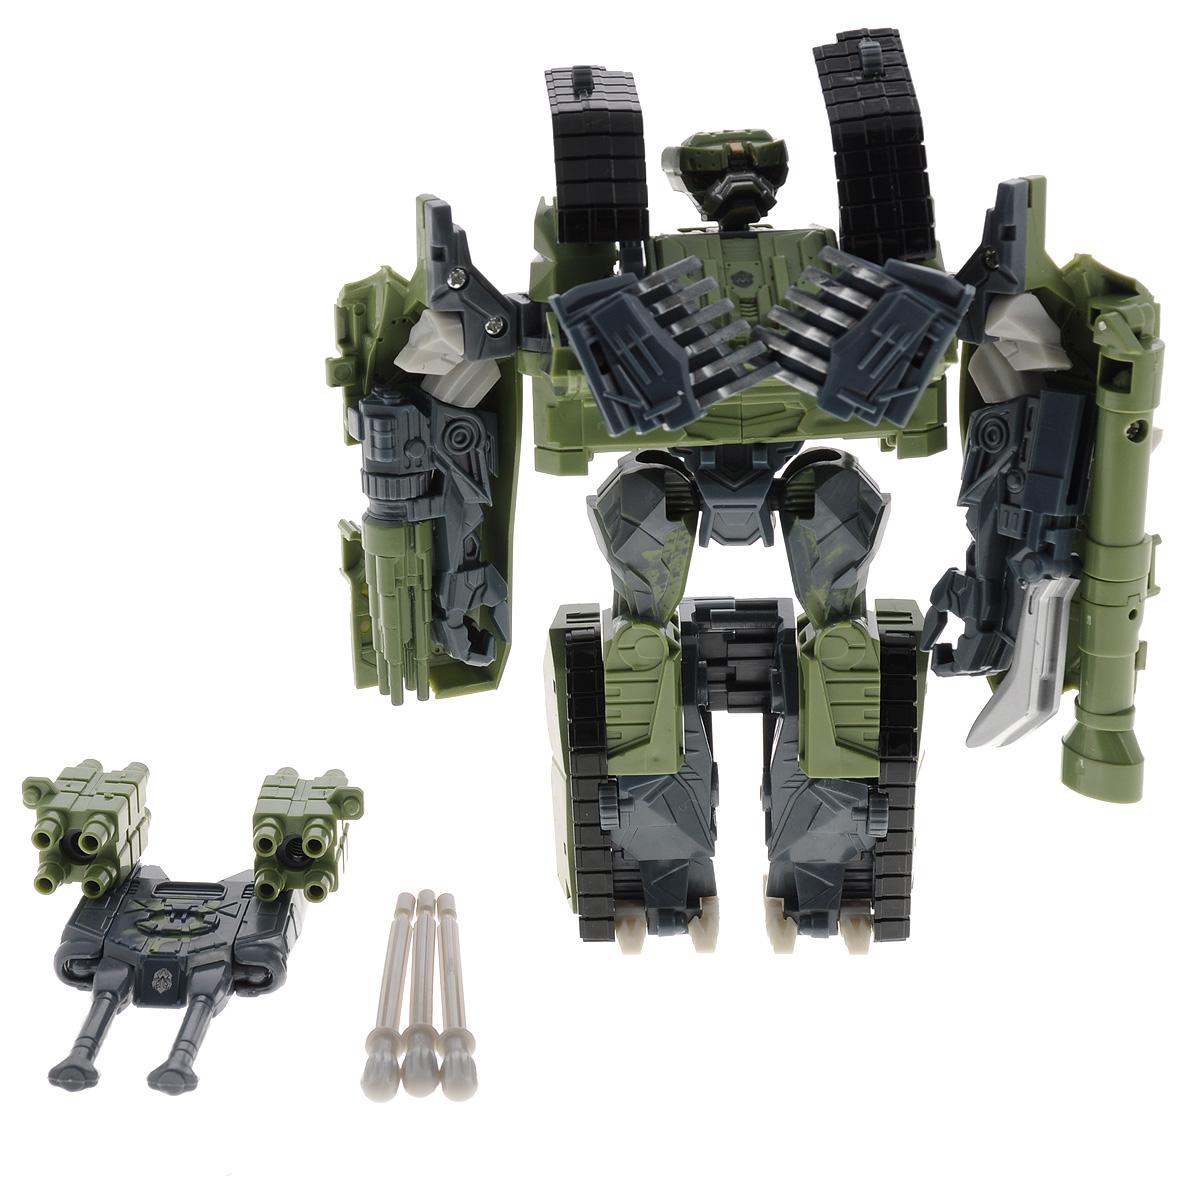 Игрушка-трансформер Праймбот. 8096B951-H21046Робот Праймбот - это робот-трансформер, который не оставит равнодушным ни одного мальчишку, который увлекается трансформерами. Игрушка с легкостью из робота трансформируется в боевой танк и наоборот. Игрушка оснащена пушкой и специальными зарядами. Выстрелы осуществляются при помощи пружинного механизма. Играя с роботом, ребенок развивает мелкую моторику, образное мышление, воображение. Ребенок сможет придумать и разыграть множество различных игровых сюжетов. Чтобы играть было веселее и в компании друзей, можно собрать полную коллекцию роботов-трансформеров.